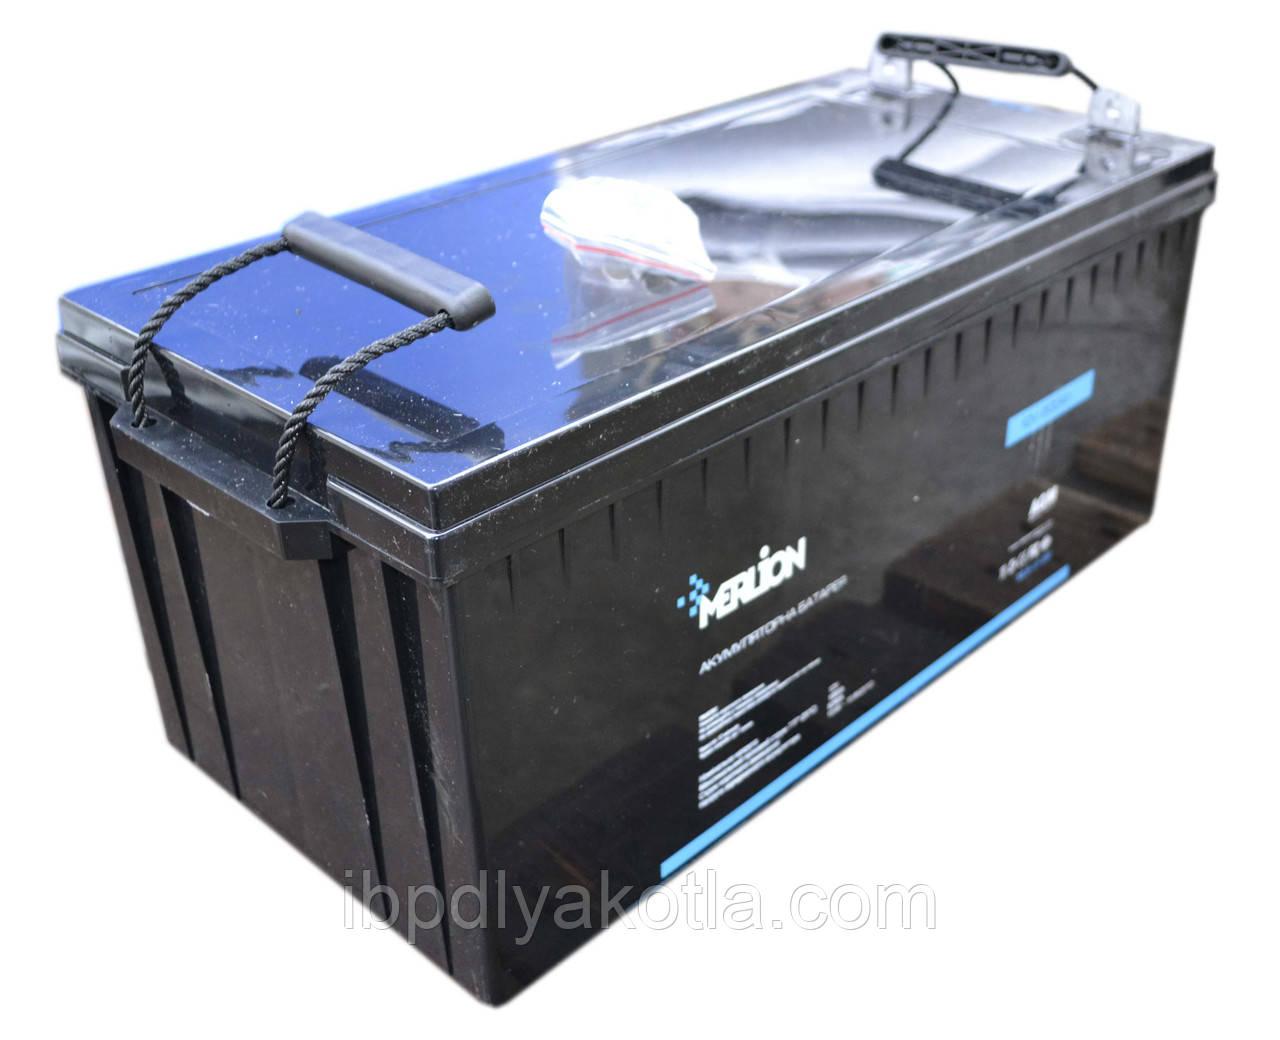 Акумулятор мультигелевый MERLION MLB-12-200 12V 200AH, (AGM) для ДБЖ